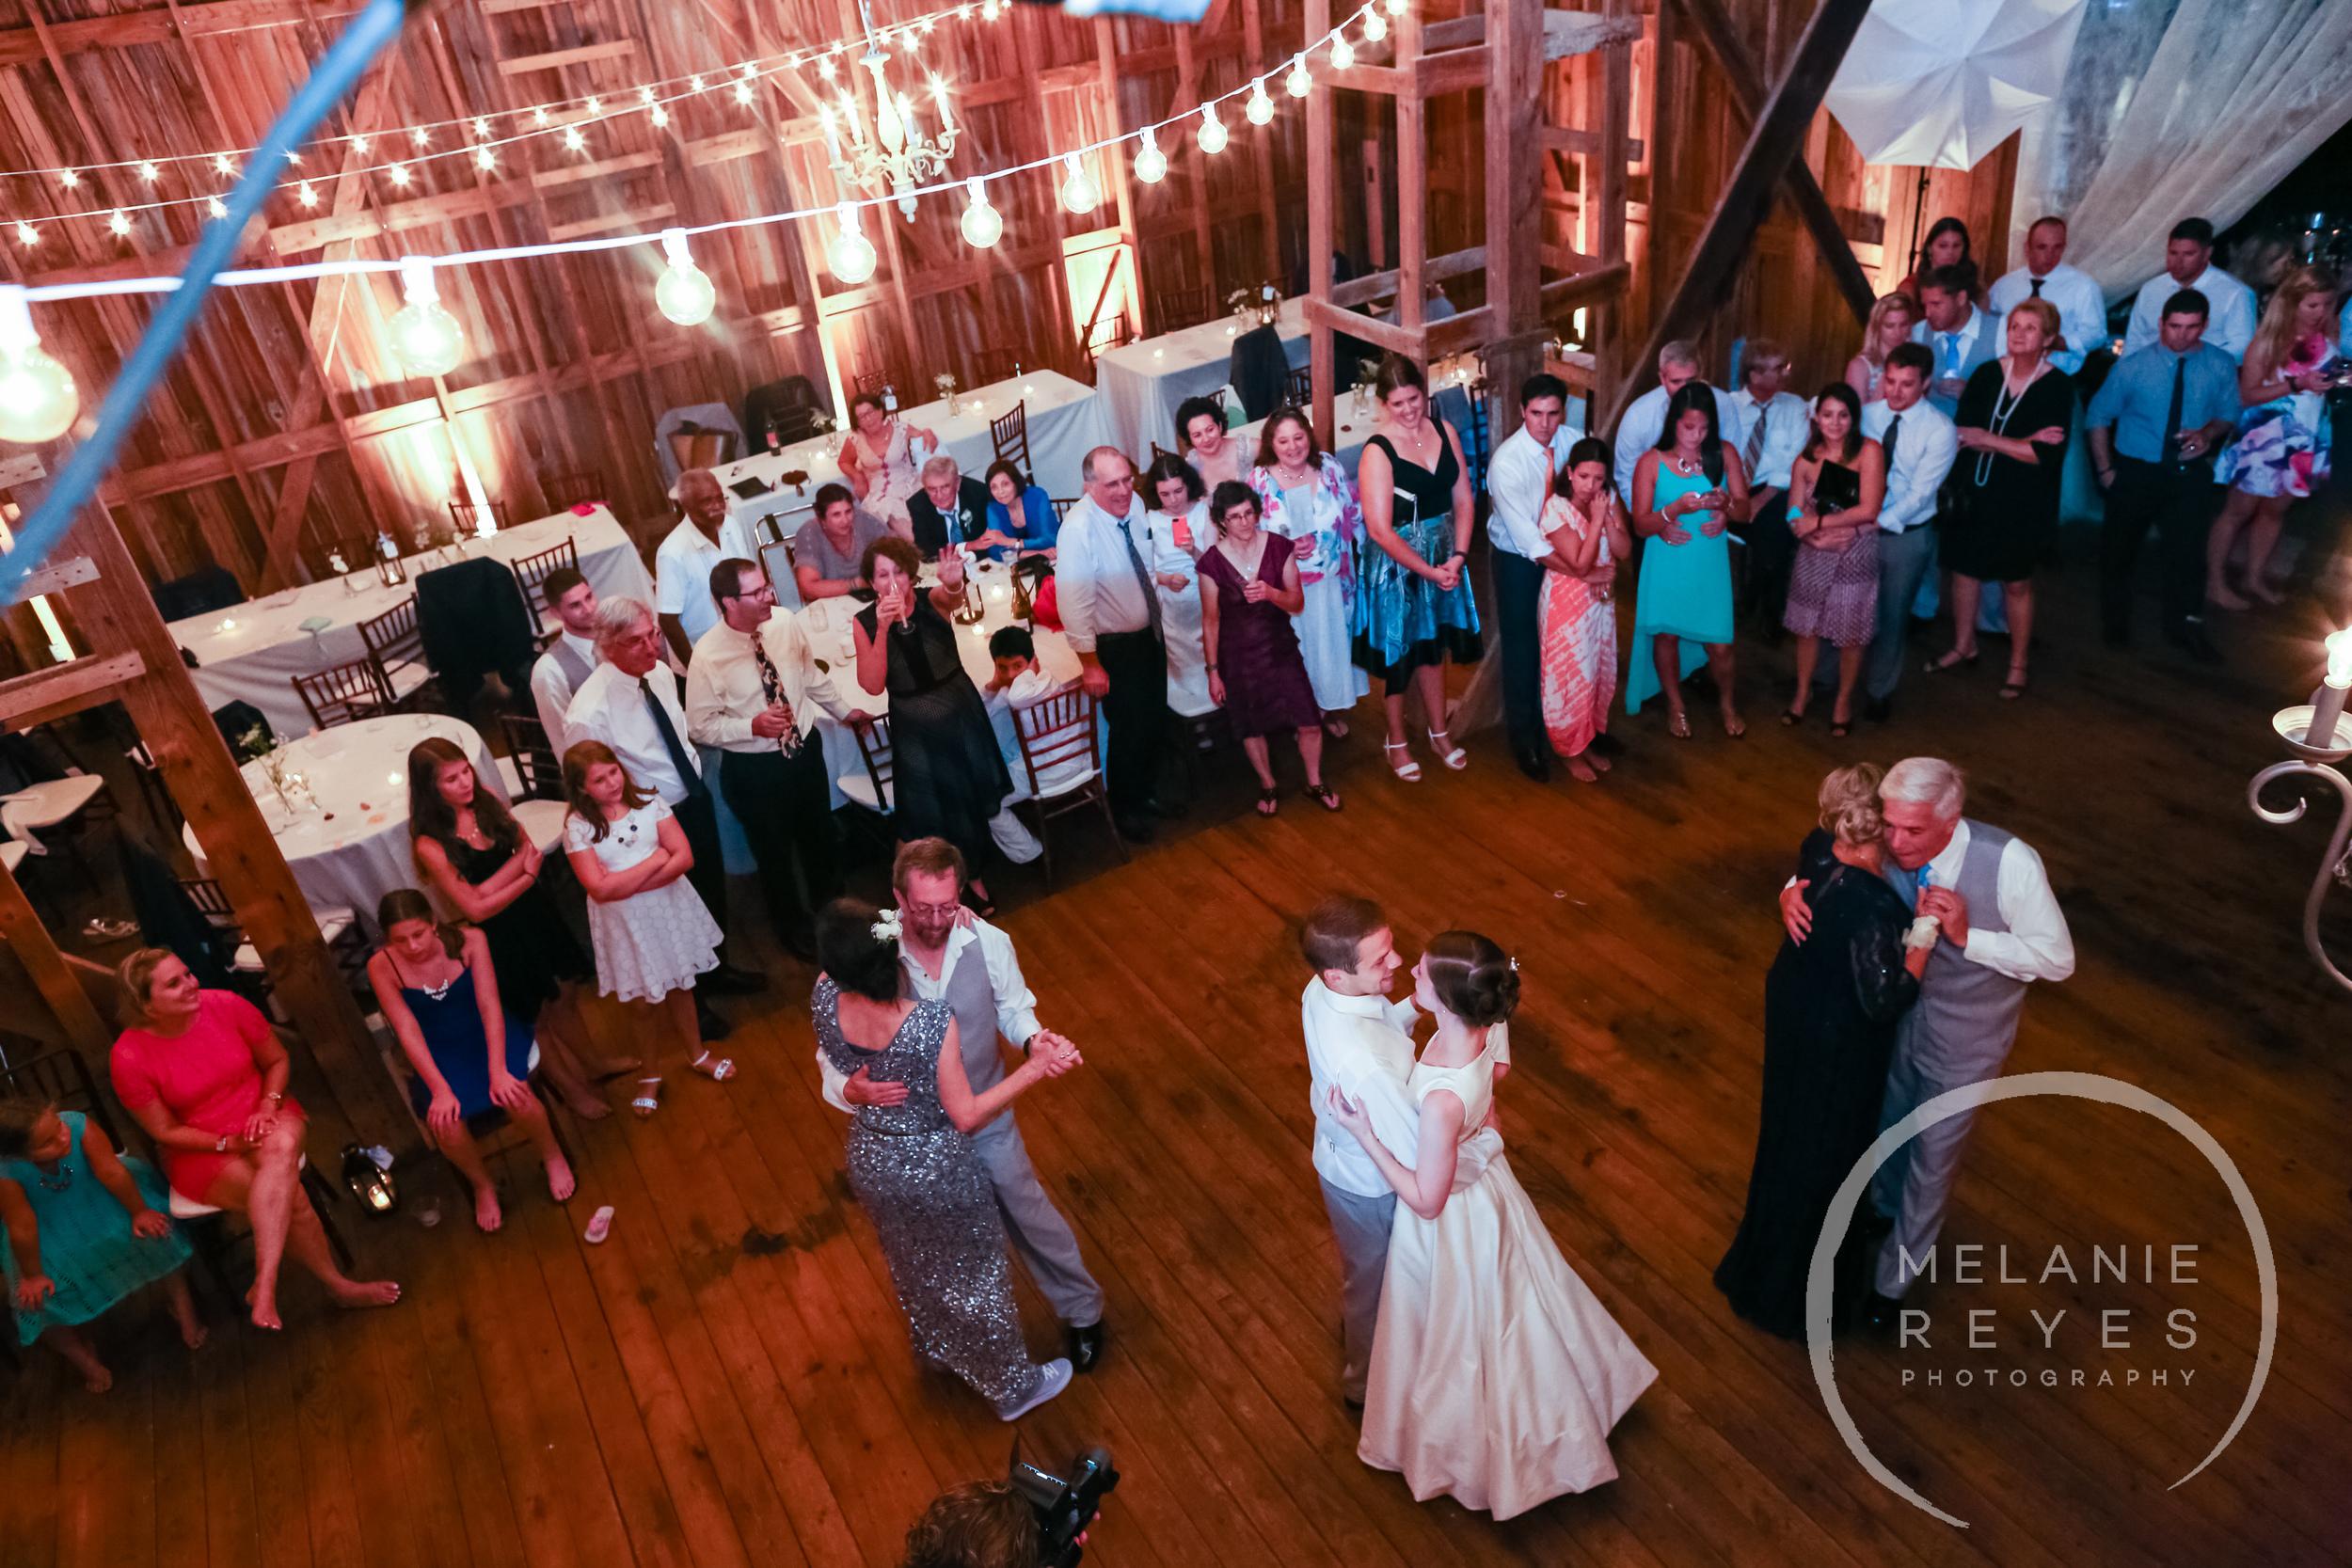 090_farm_wedding_melanie_reyes.JPG